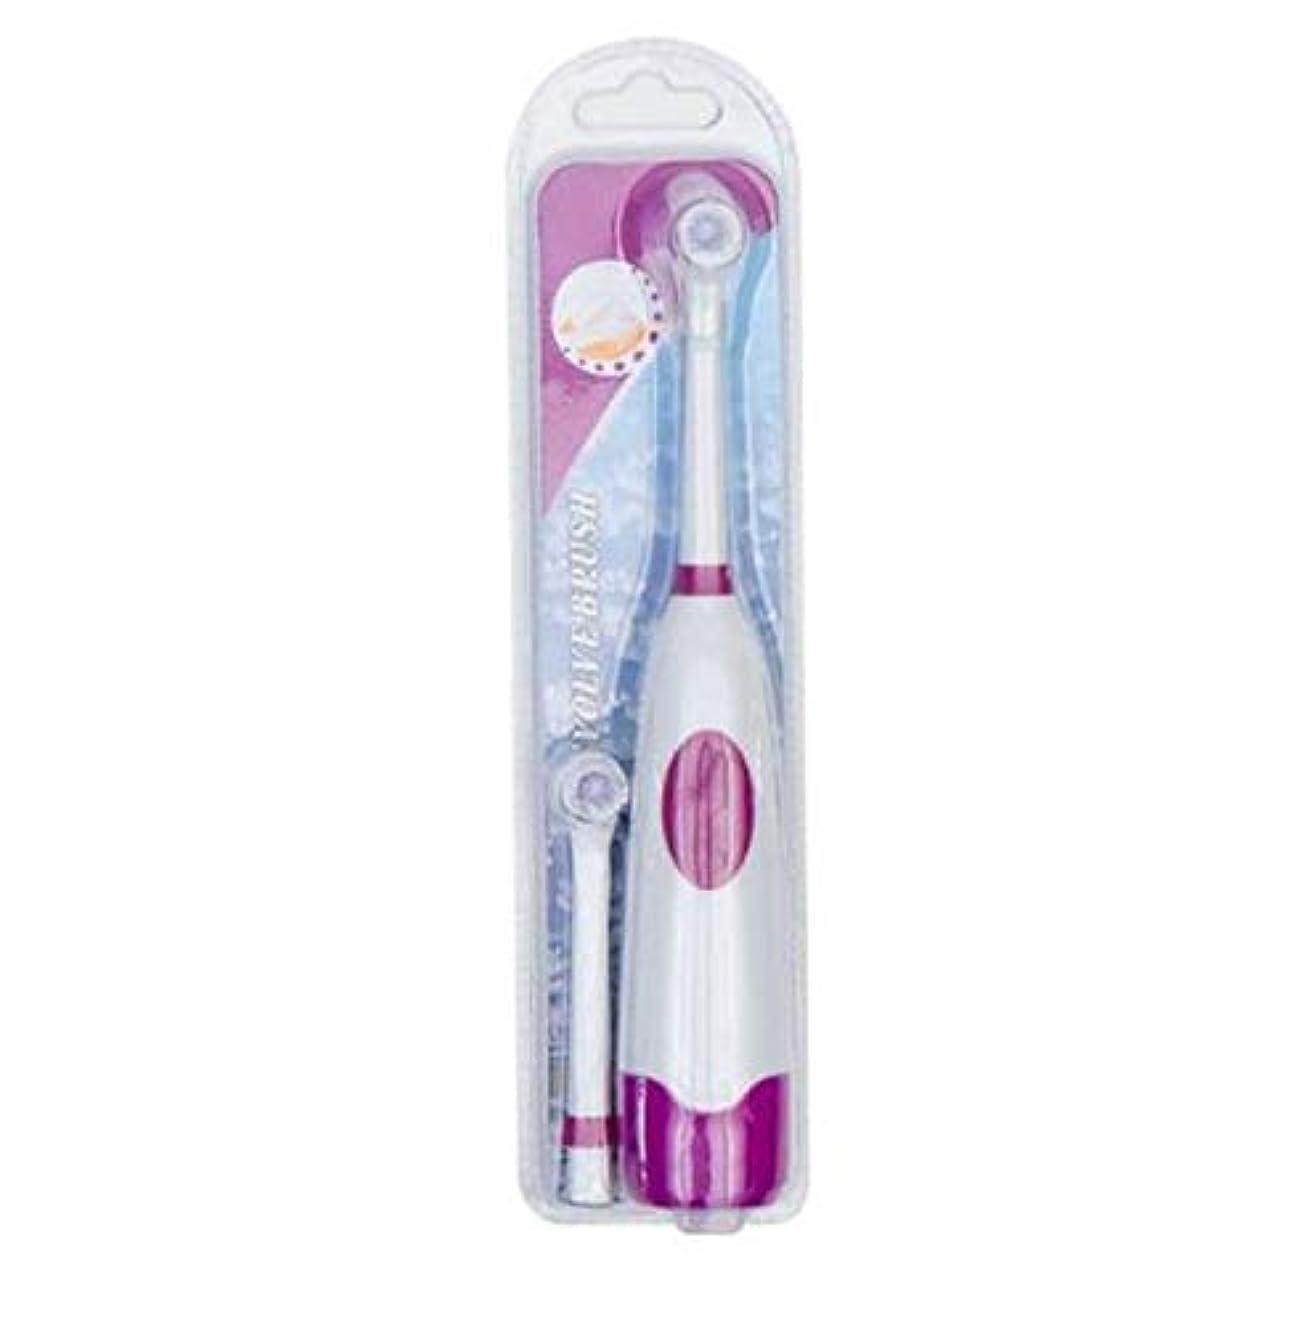 エイズ故障中メナジェリー1セット電動歯ブラシ付き2ブラシヘッド電池式口腔衛生子供用充電式歯ブラシなし,C